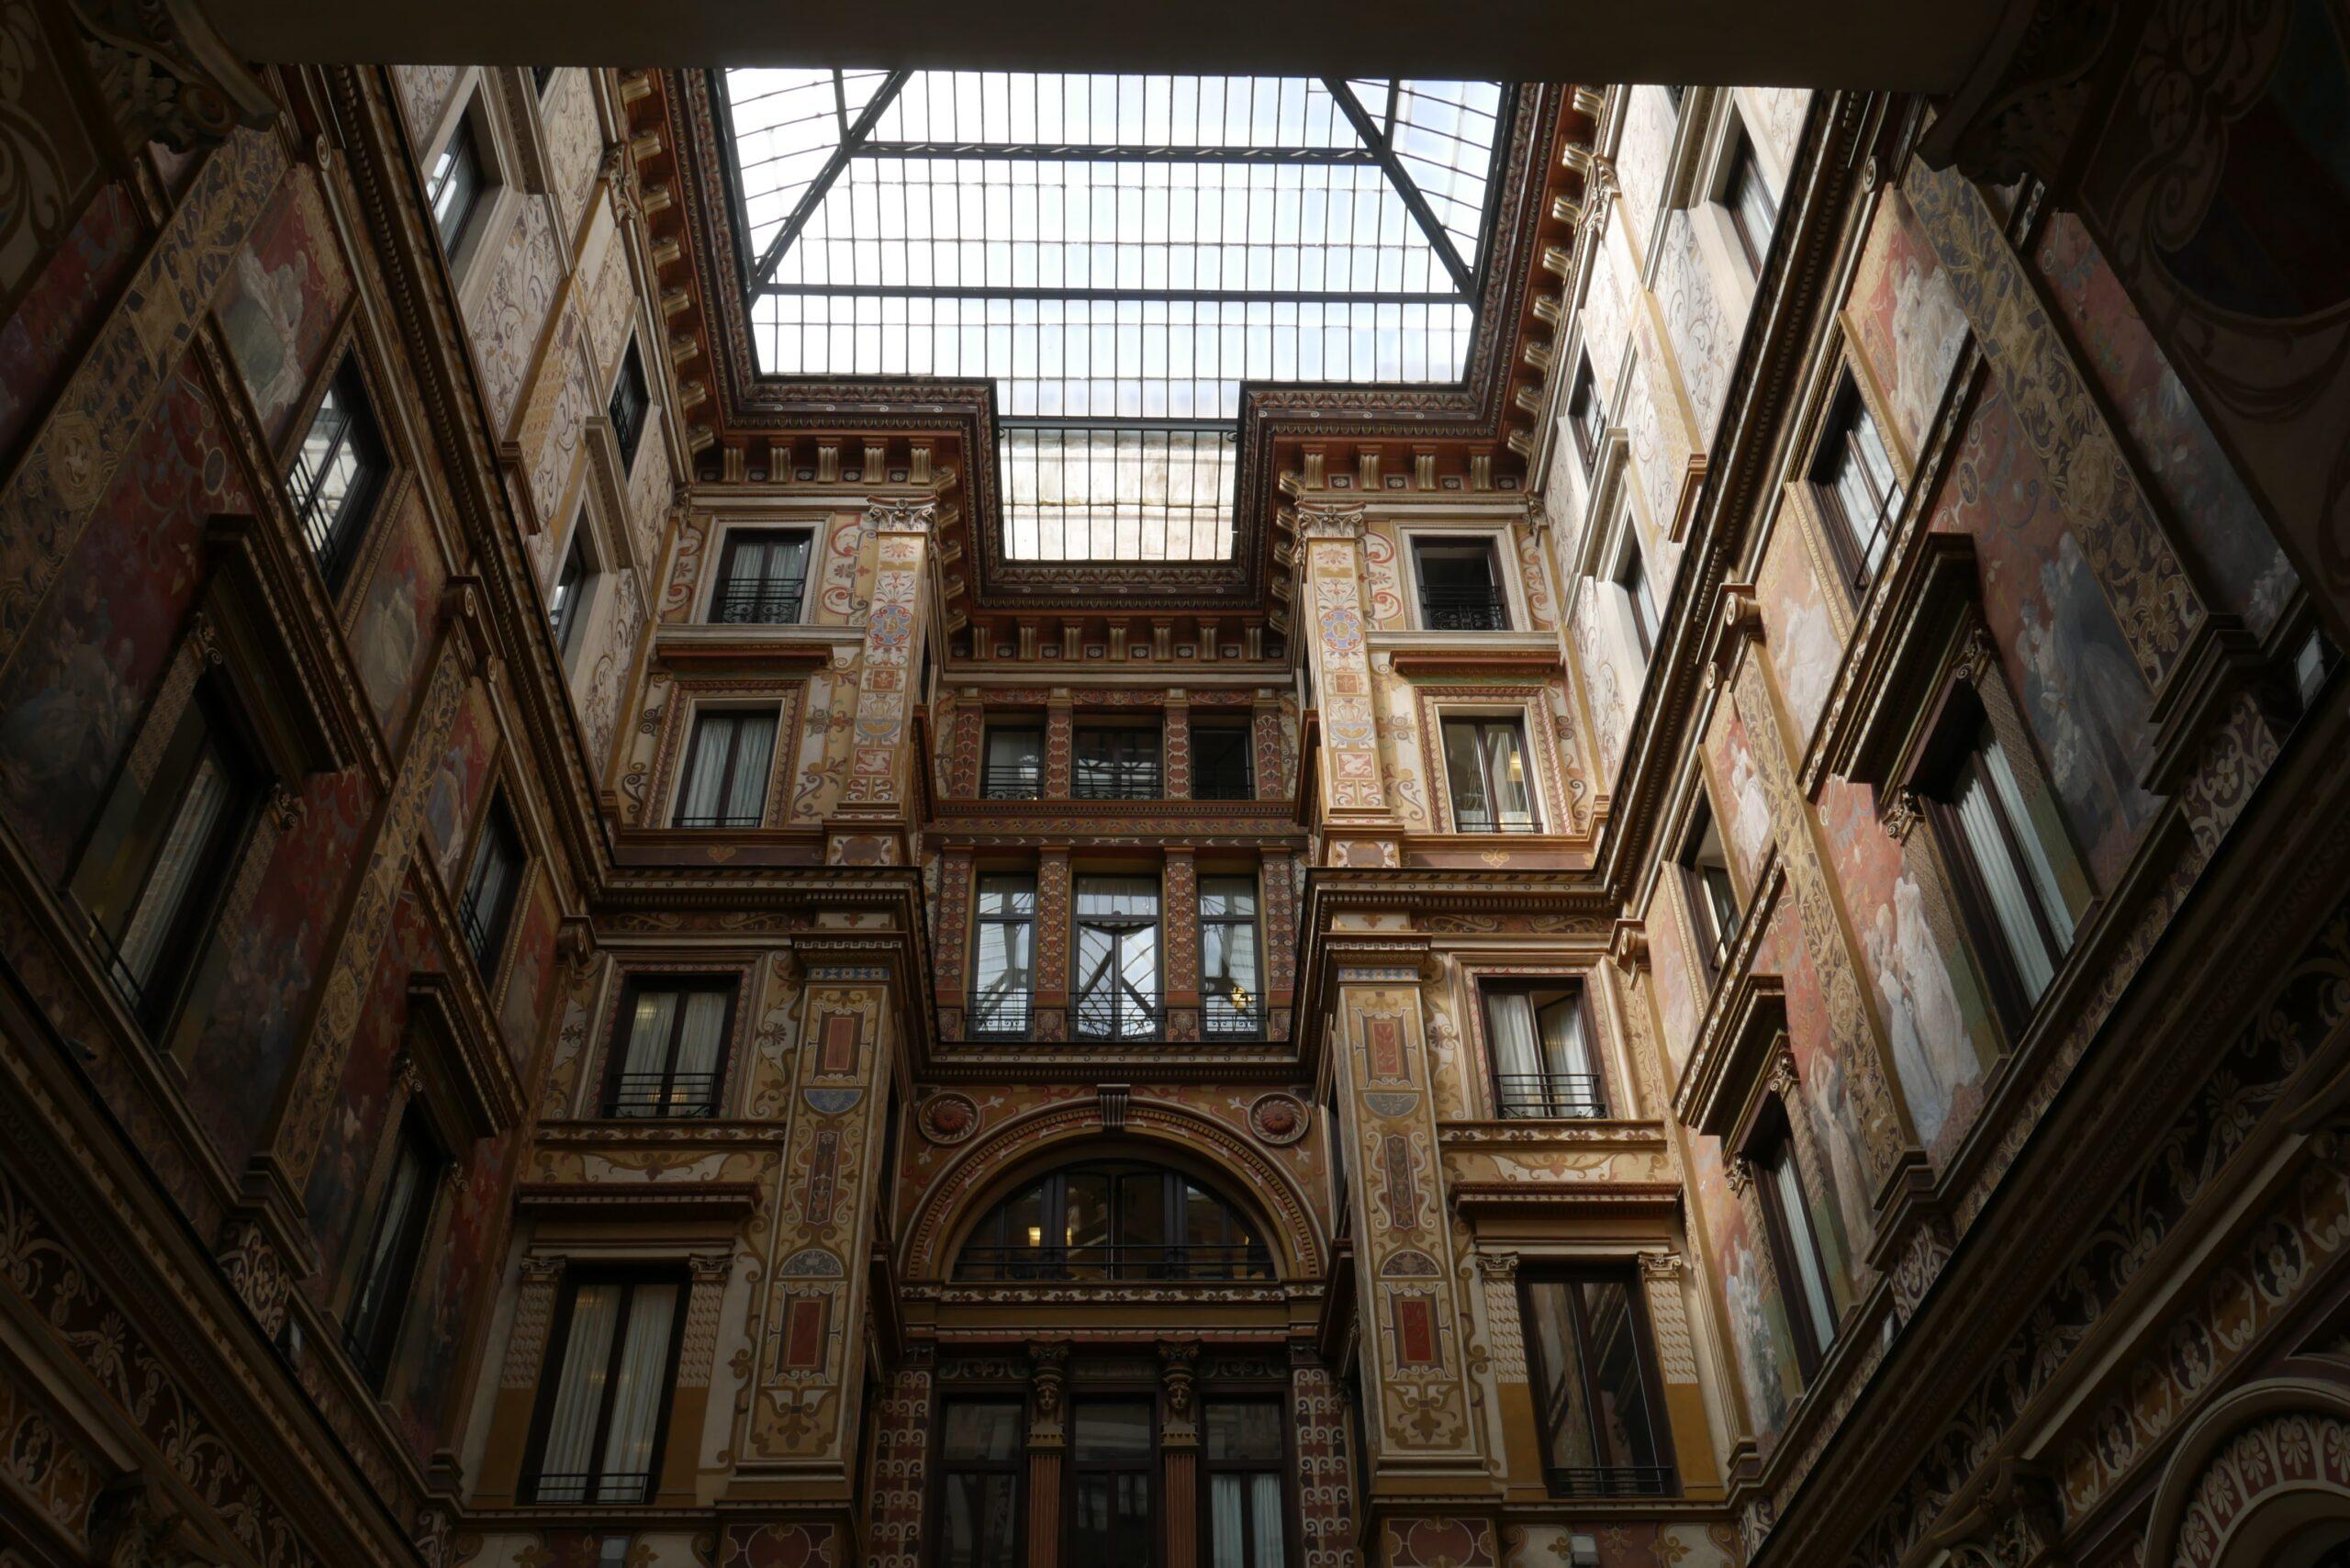 Passeggiata Liberty - Art Club - Associazione culturale - Visite guidate a Roma - Esperienze d'Arte - Martedì 26 Gennaio 2021